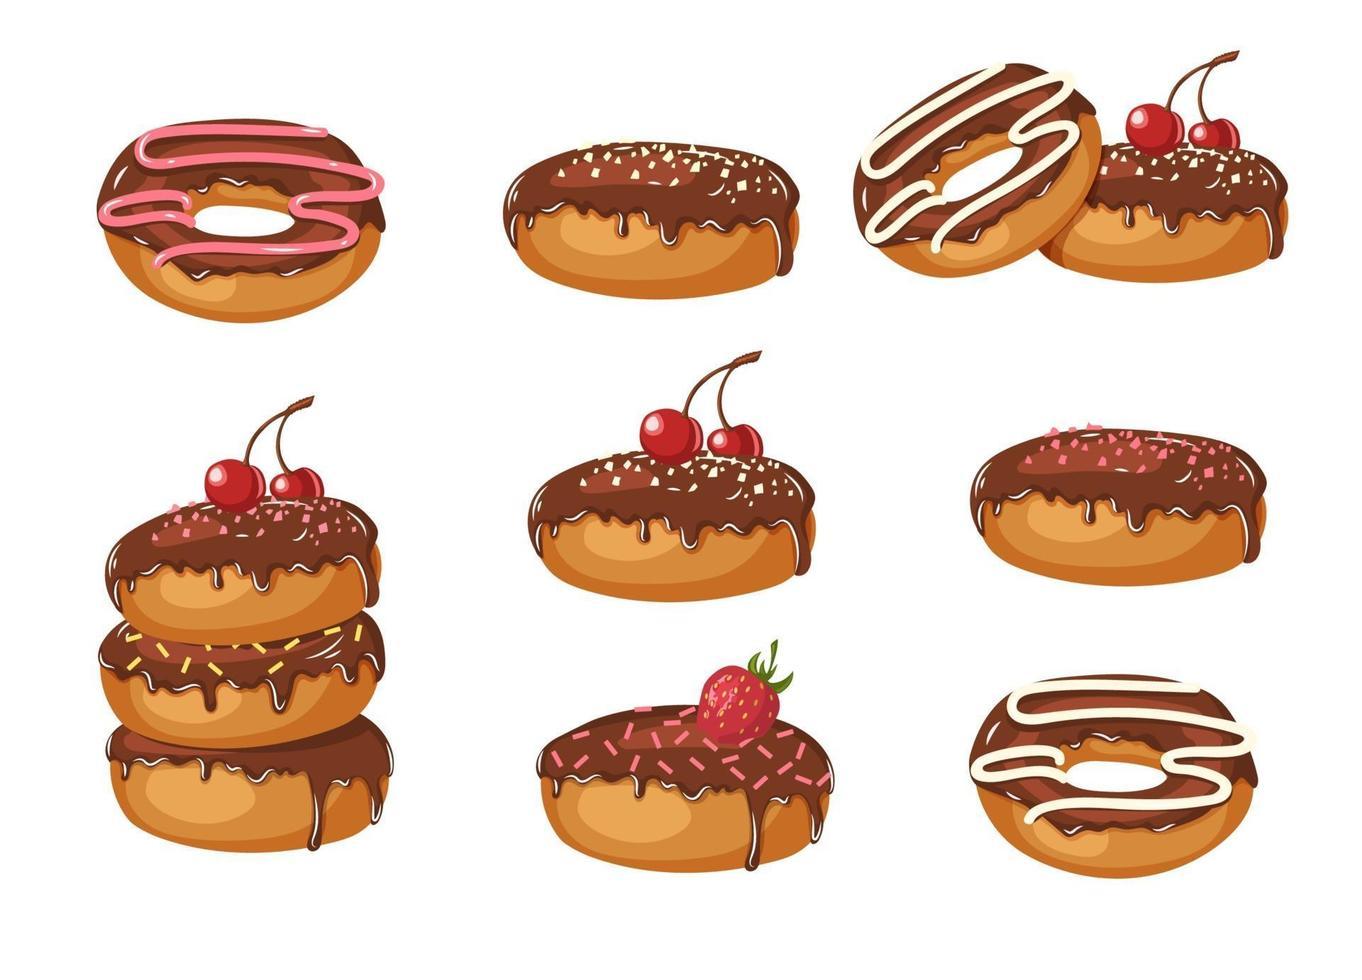 set van vector zoete chocolade geglazuurde donuts met poeder, kersen, aardbeien en chocoladeroom geïsoleerd op wit. voedsel ontwerp. illustratie voor feestdagen, verjaardagen, banners, patronen.